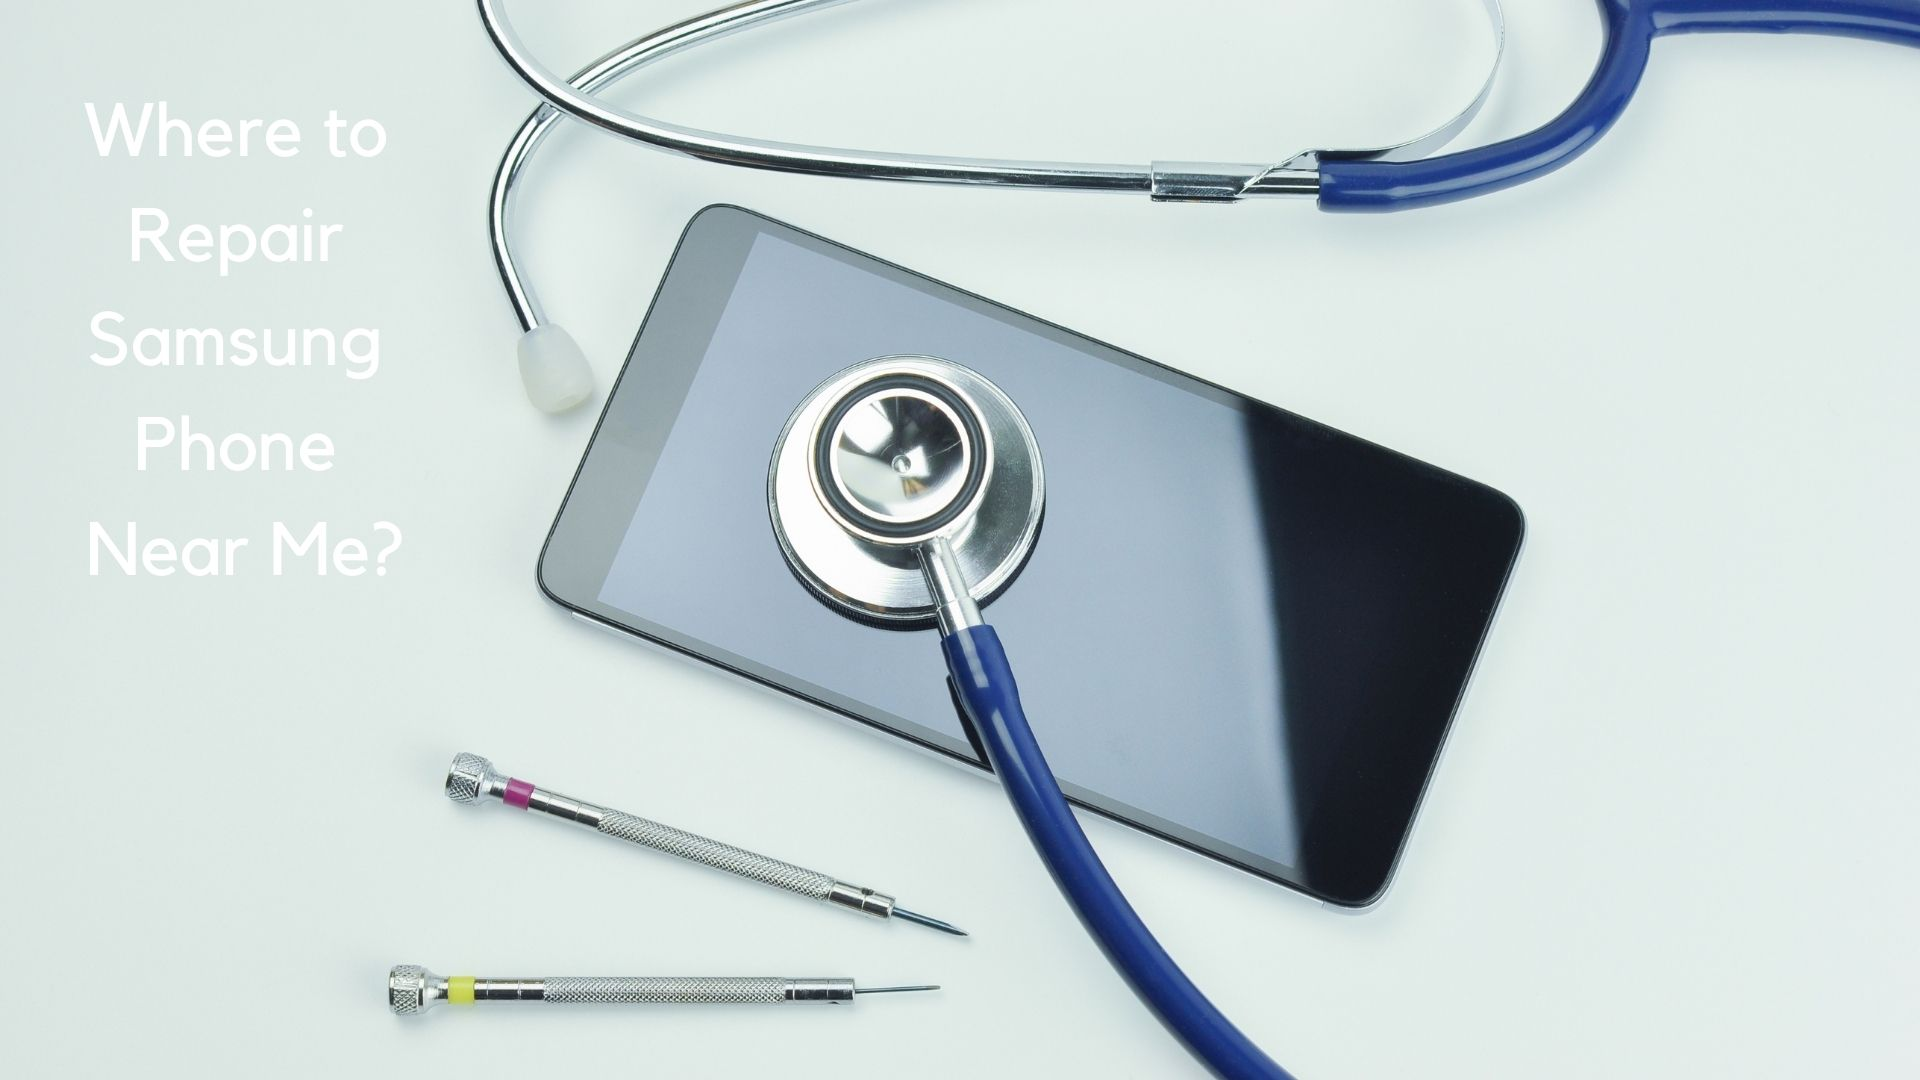 Where to Repair Samsung Phone Near Me?